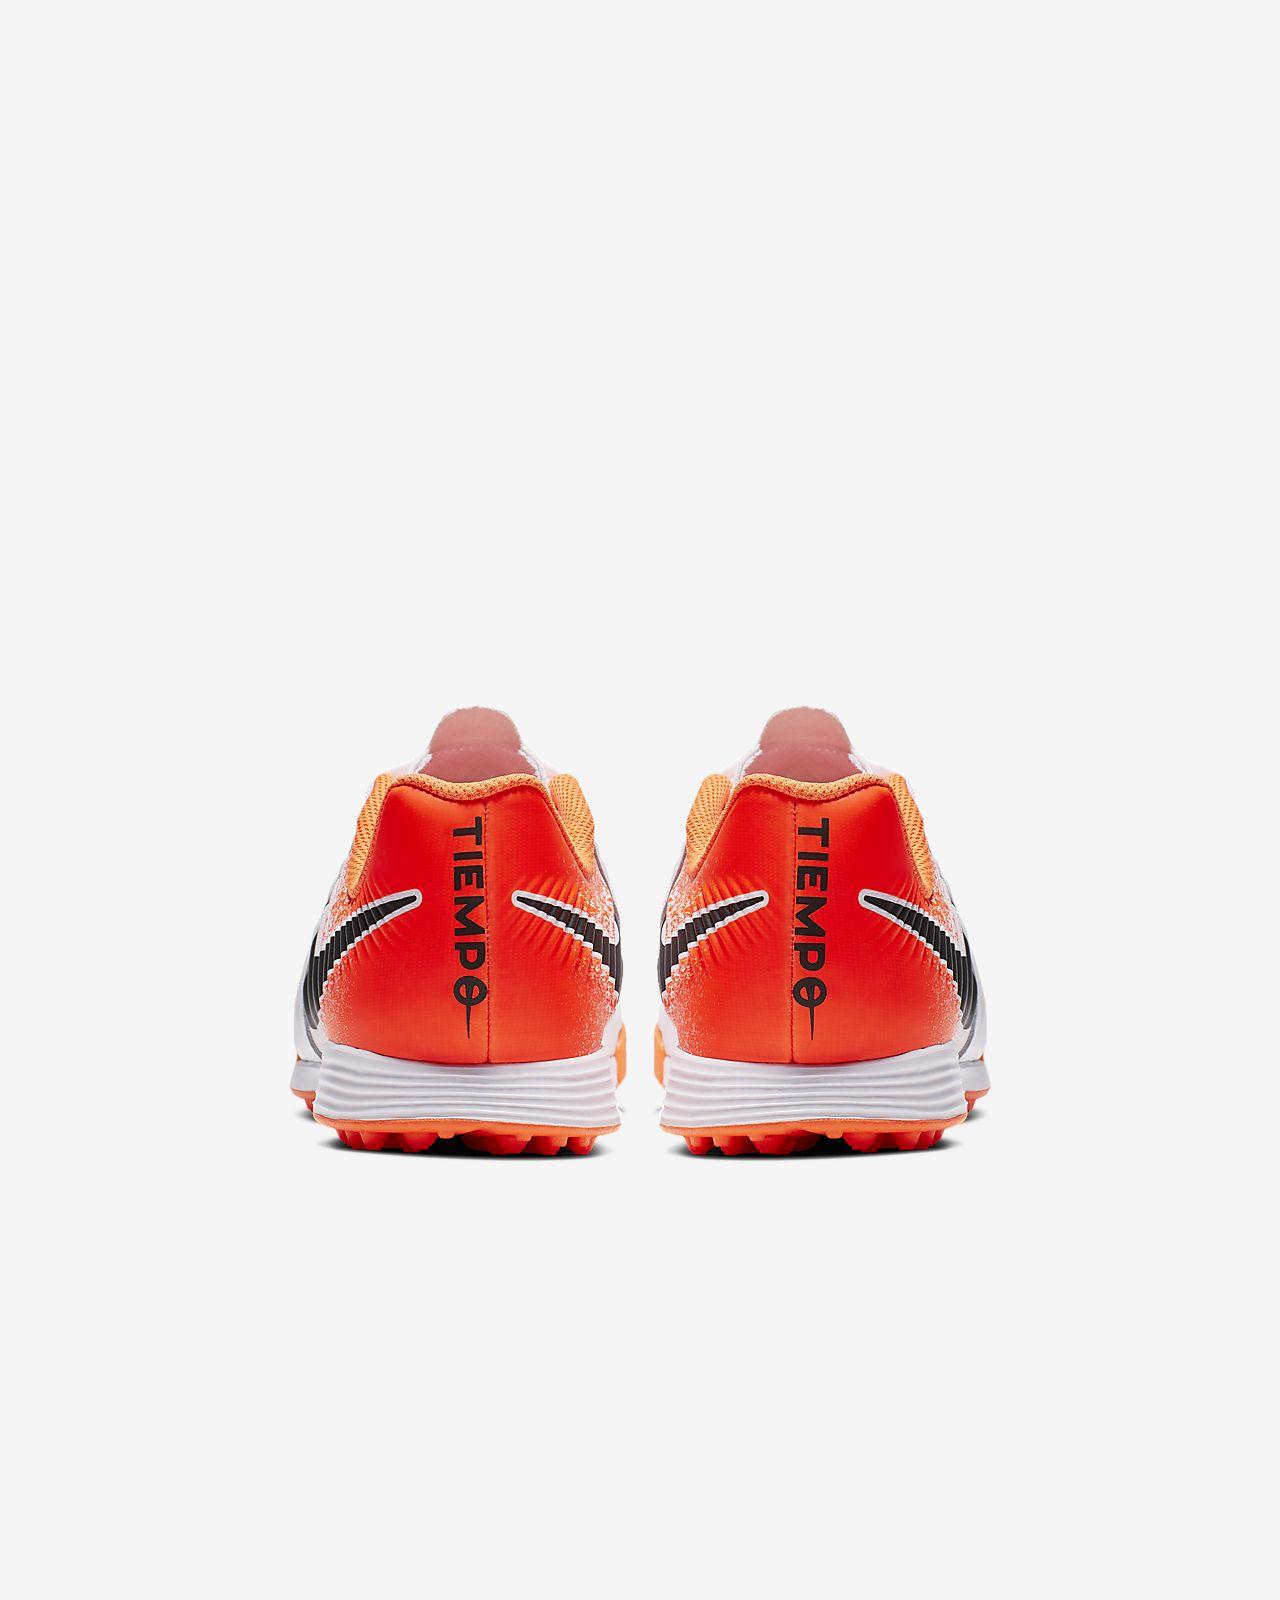 promo code 9aeb0 ce729 ... Chaussure de football pour surface synthétique Nike Jr. Tiempo Legend  VII Academy TF pour Jeune